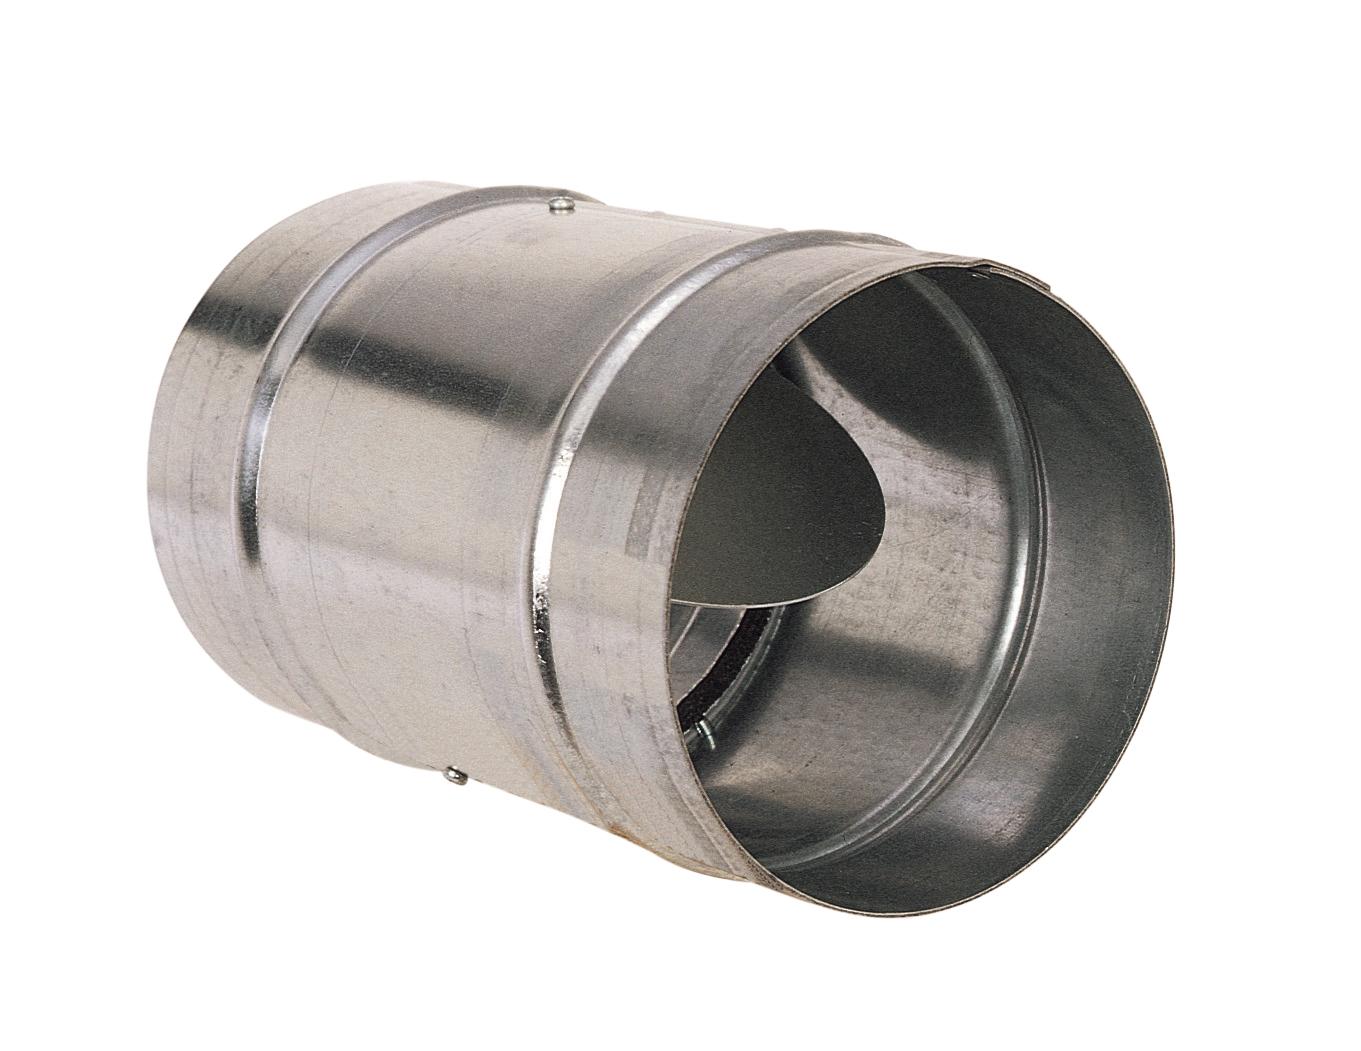 西邦工業 SEIHO CDA275K 受注生産 ダンパー(逆風防止ダンパー) ダクト接続型 逆風防止ダンパー(チャッキダンパー)